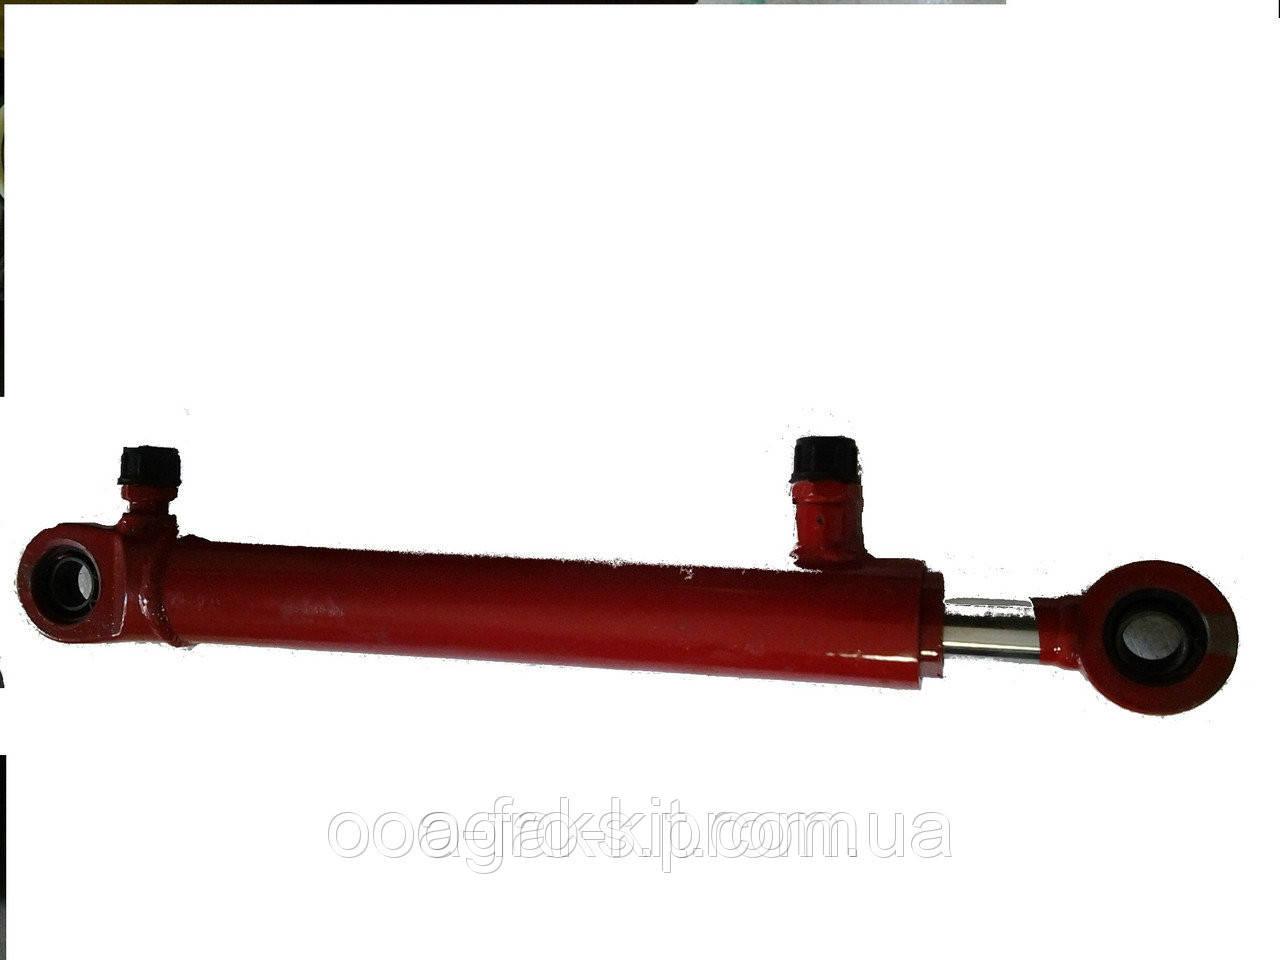 Гидроцилиндры ГЦ 40х25х250-11